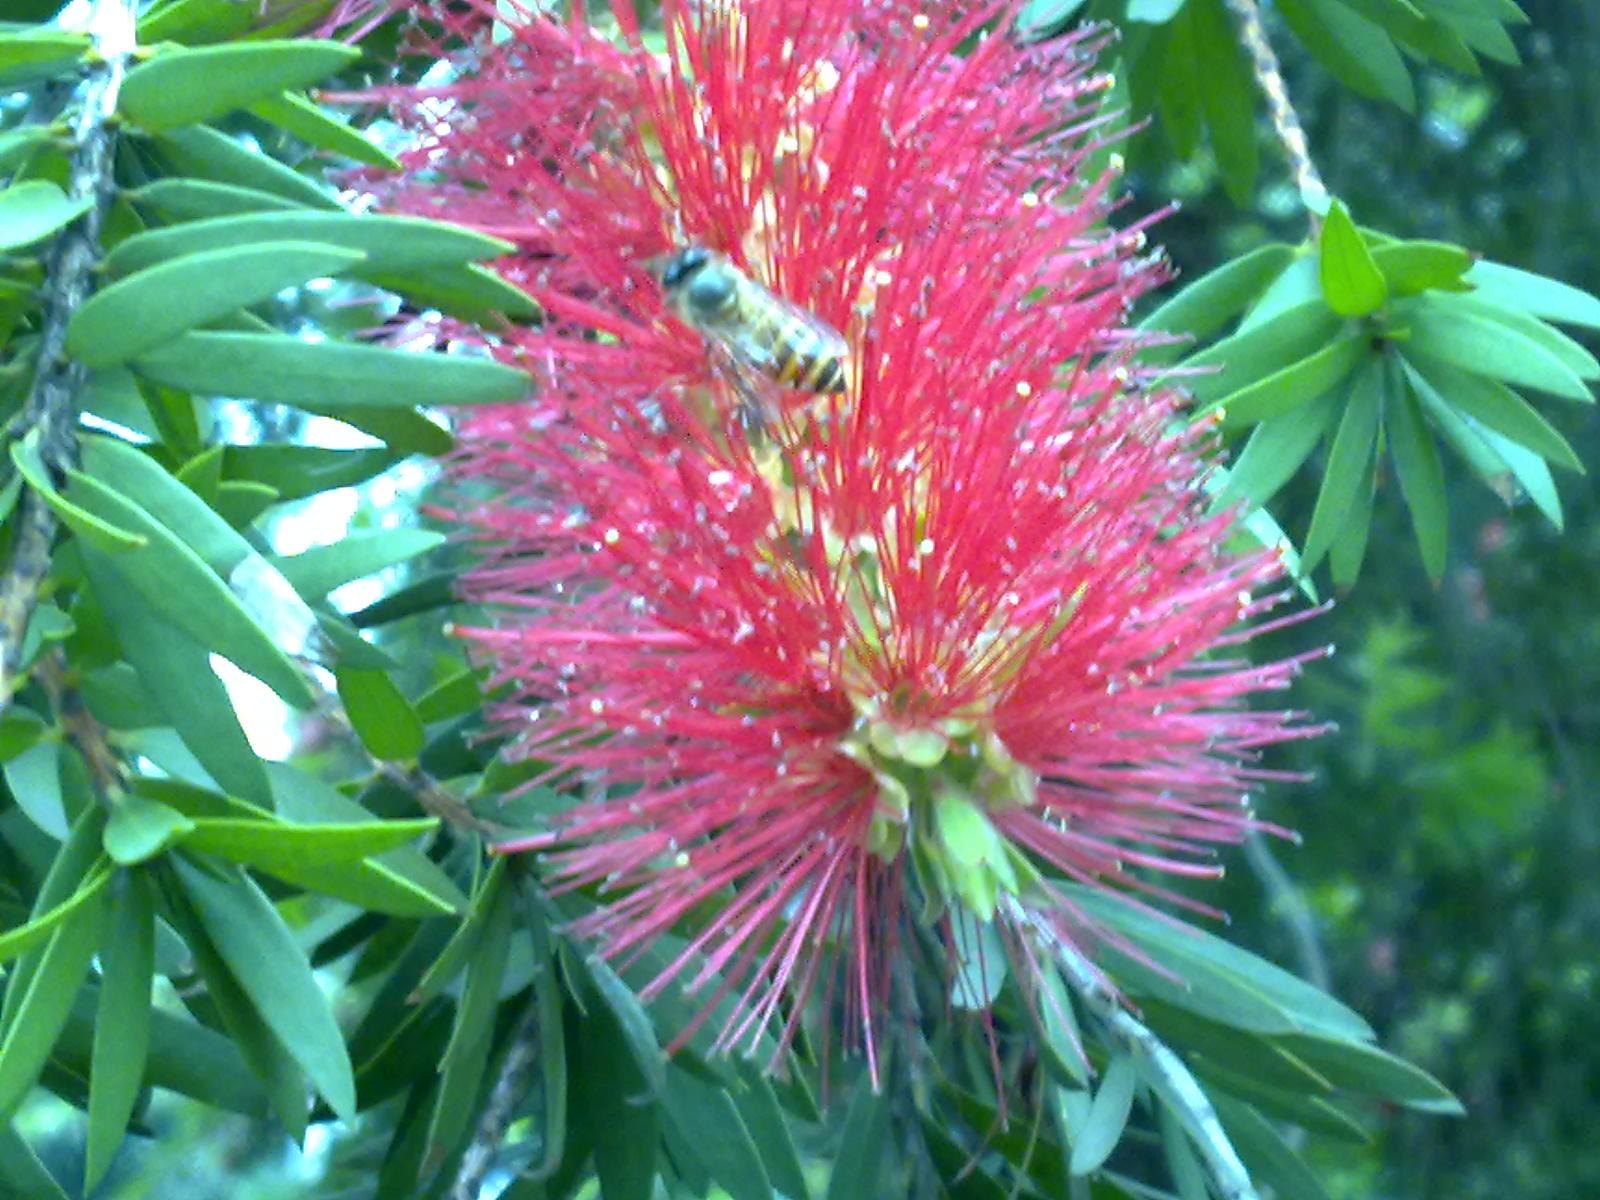 Foto Spesies Pohon Minyak Kayu Putih Bunga Merah